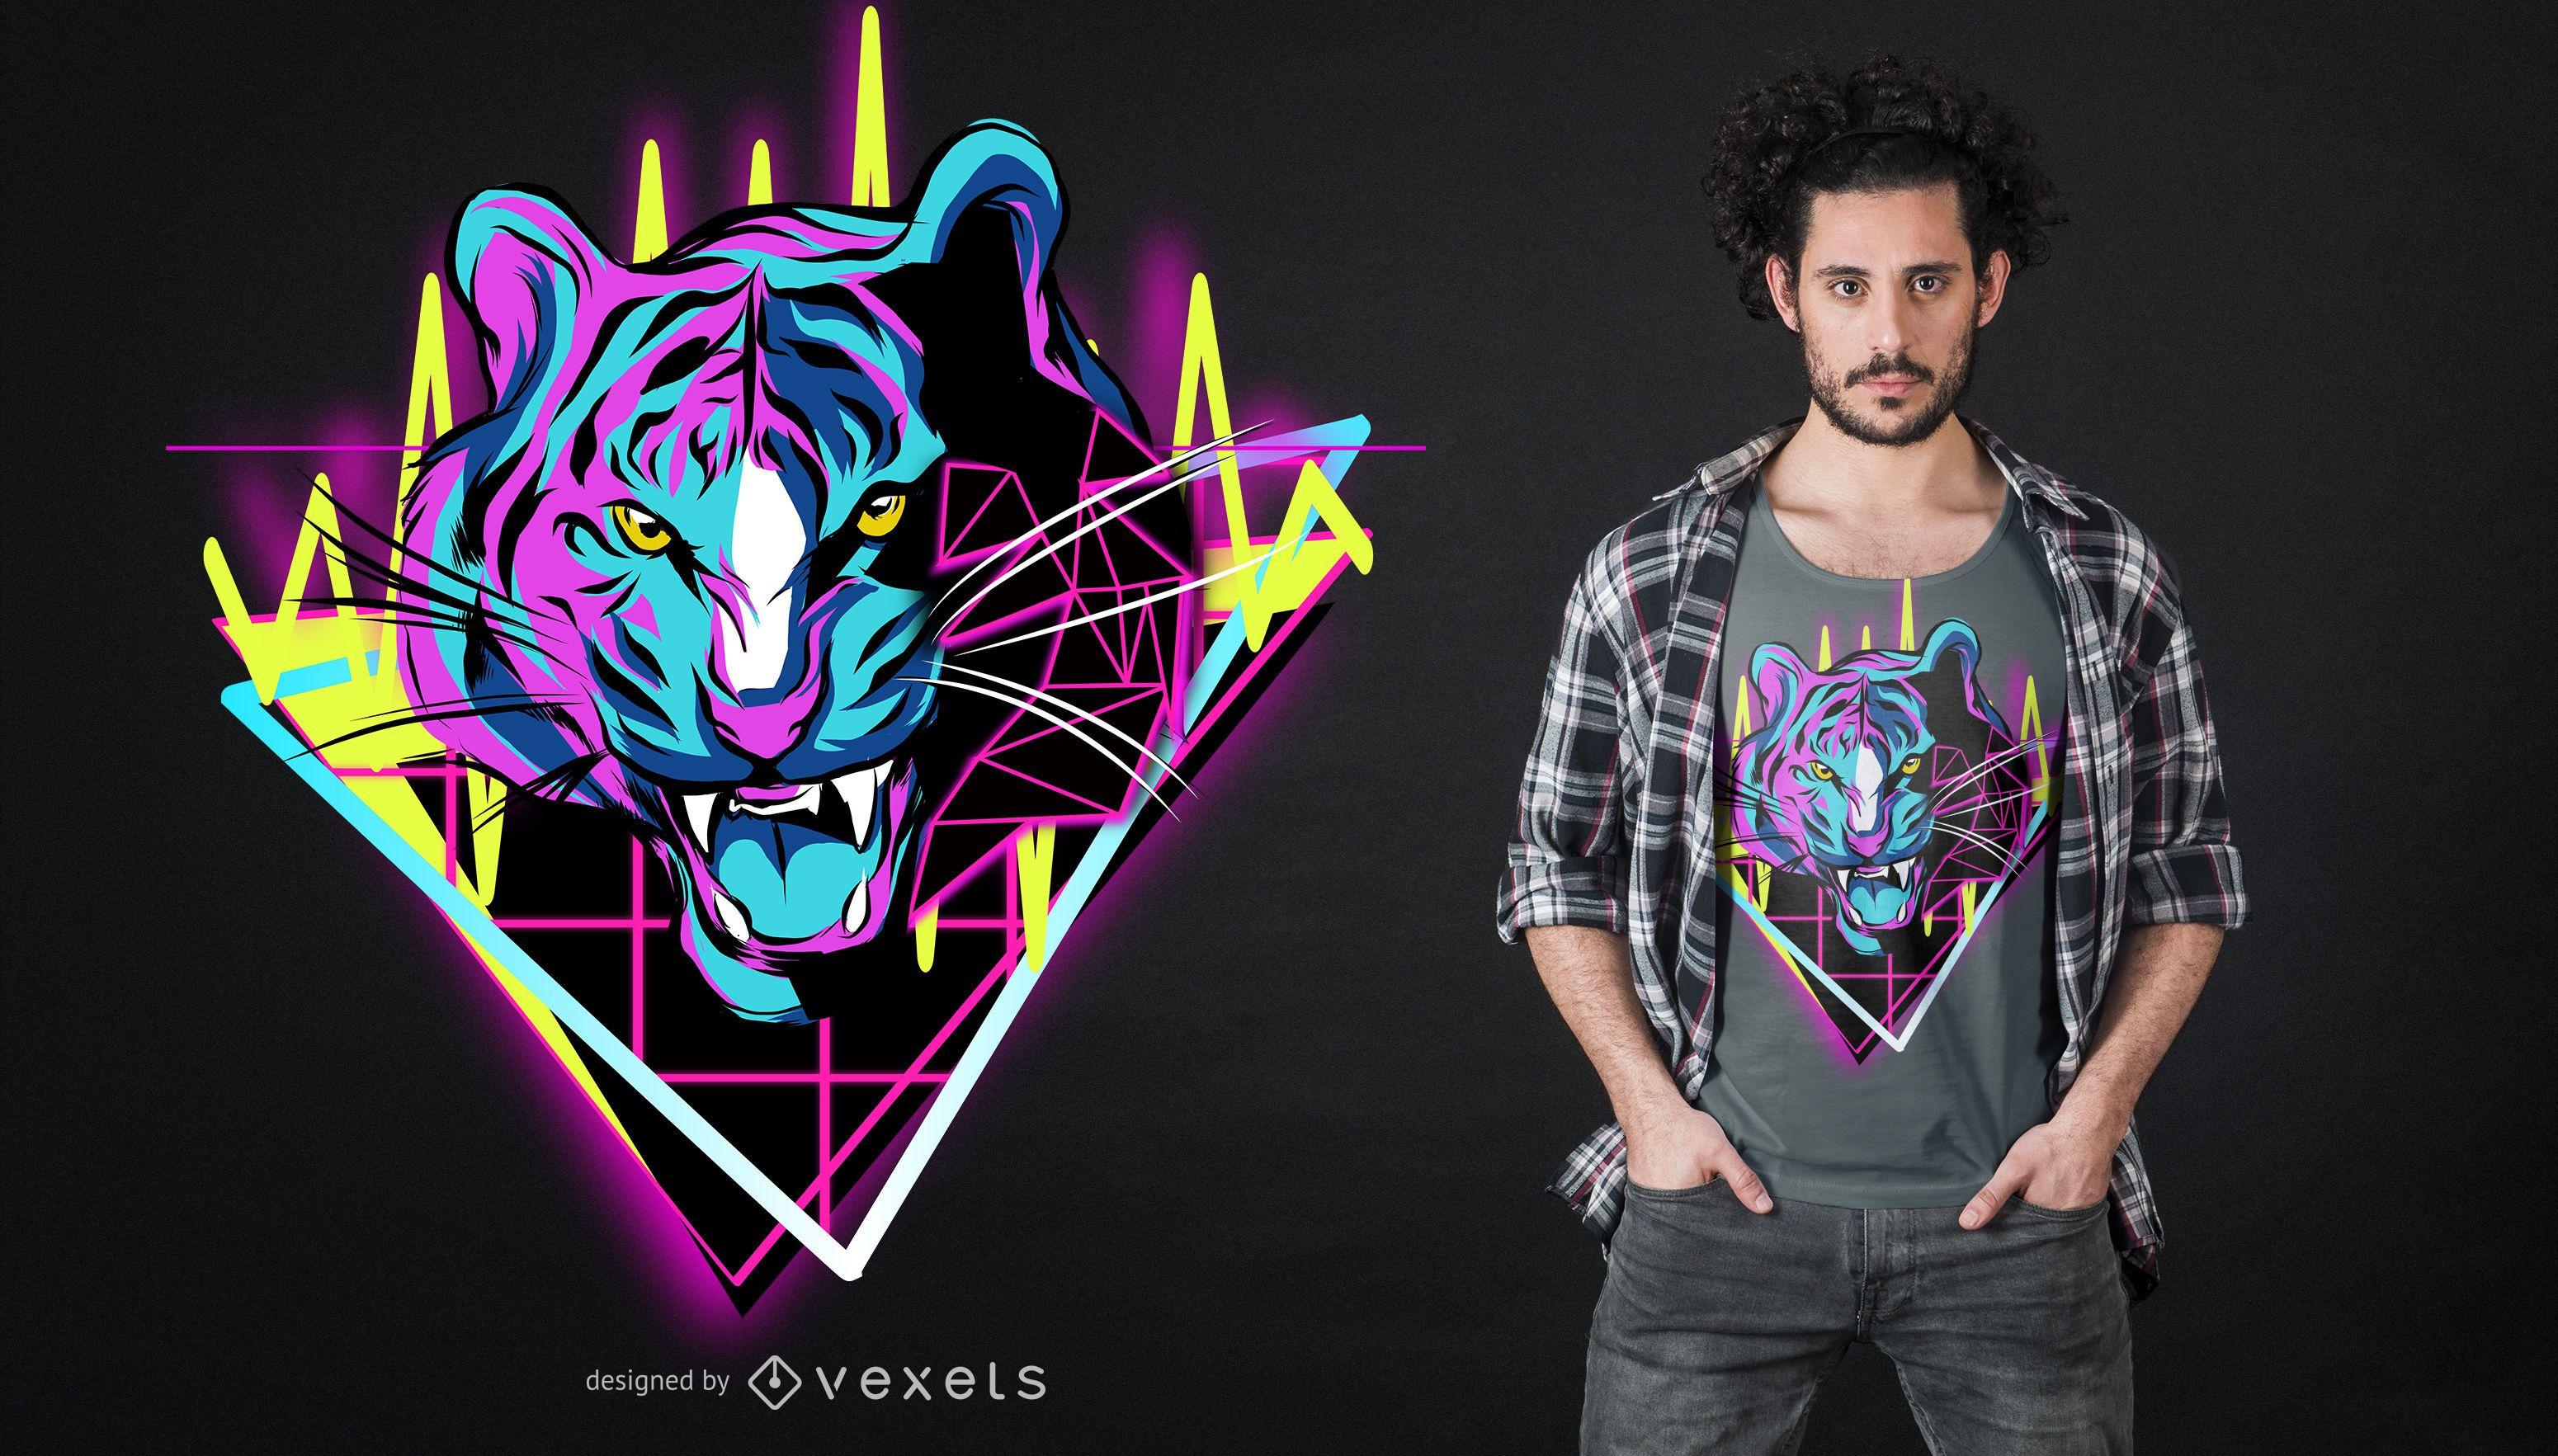 Dise?o de camiseta Neon Tiger